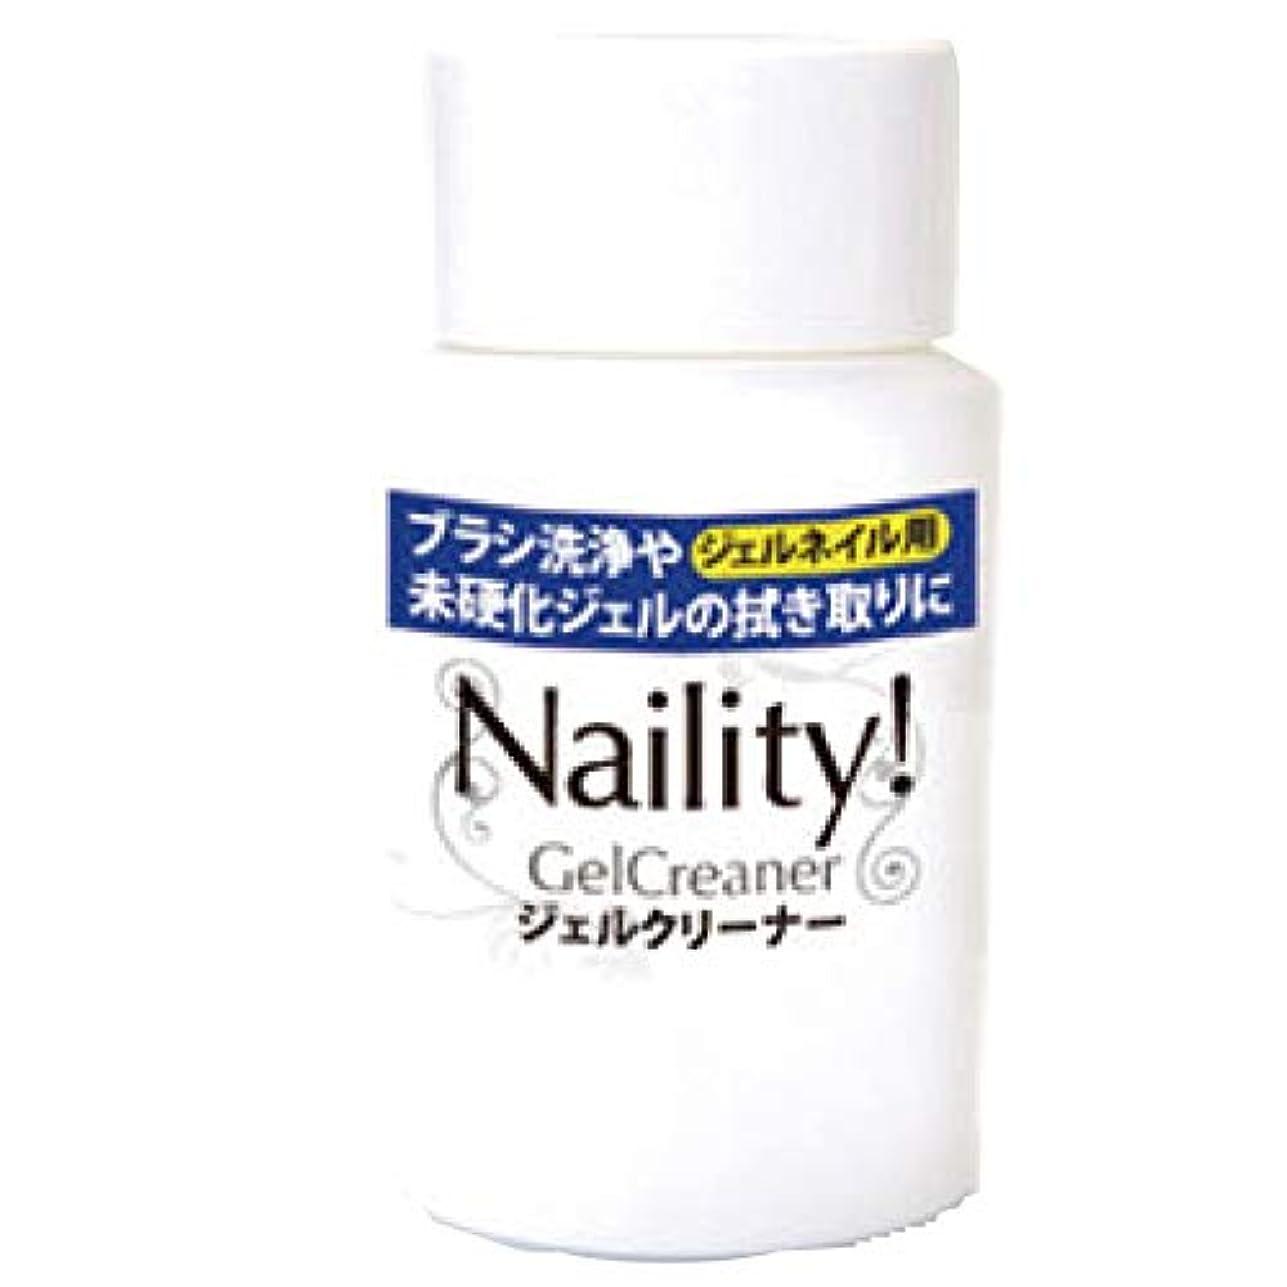 不振簡潔な逸脱Naility! ジェルクリーナー (リフィル) 500mL